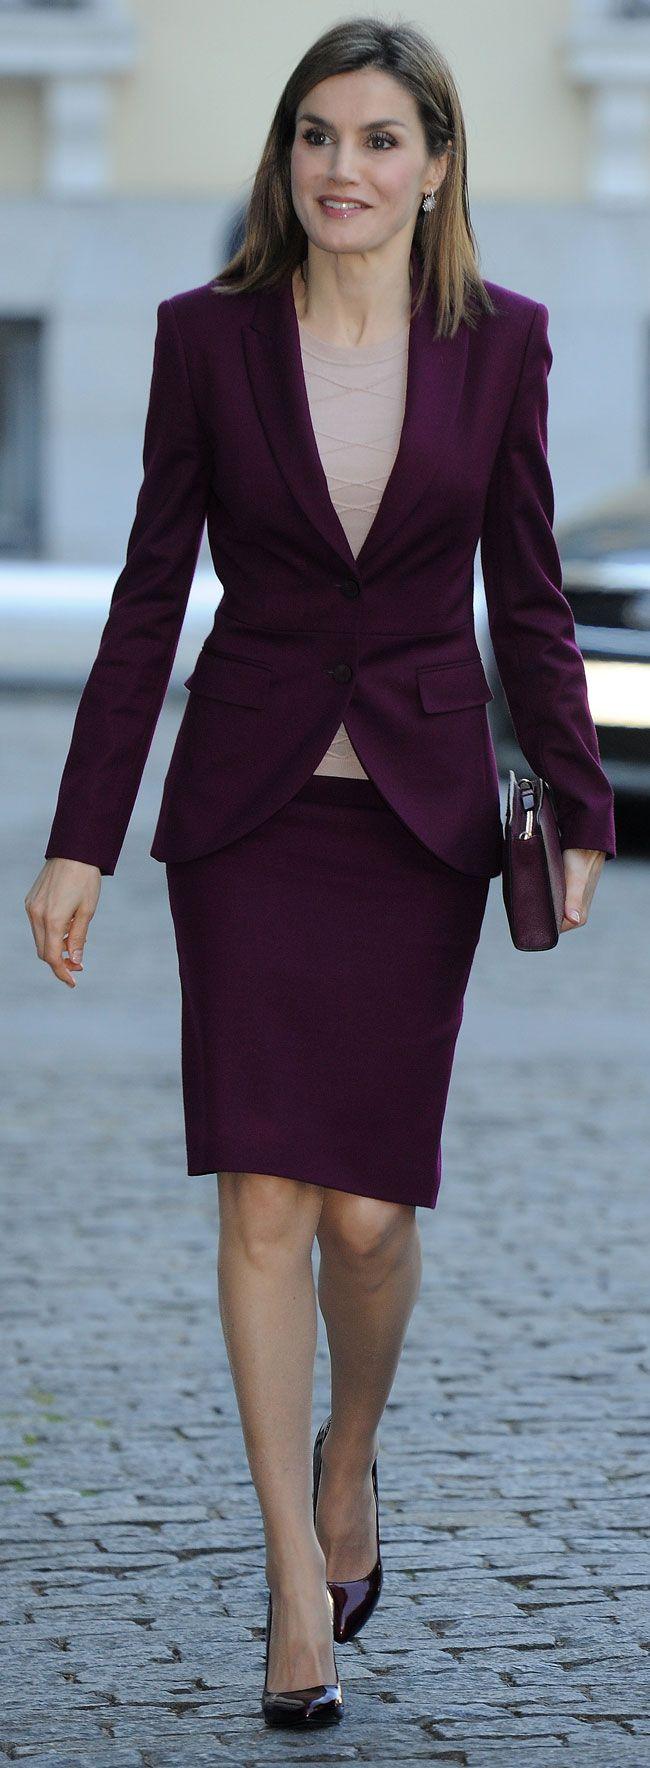 La Reina Letizia ha presidido en Madrid una reunión de trabajo sobre microfinanzas con look de ejecutiva.